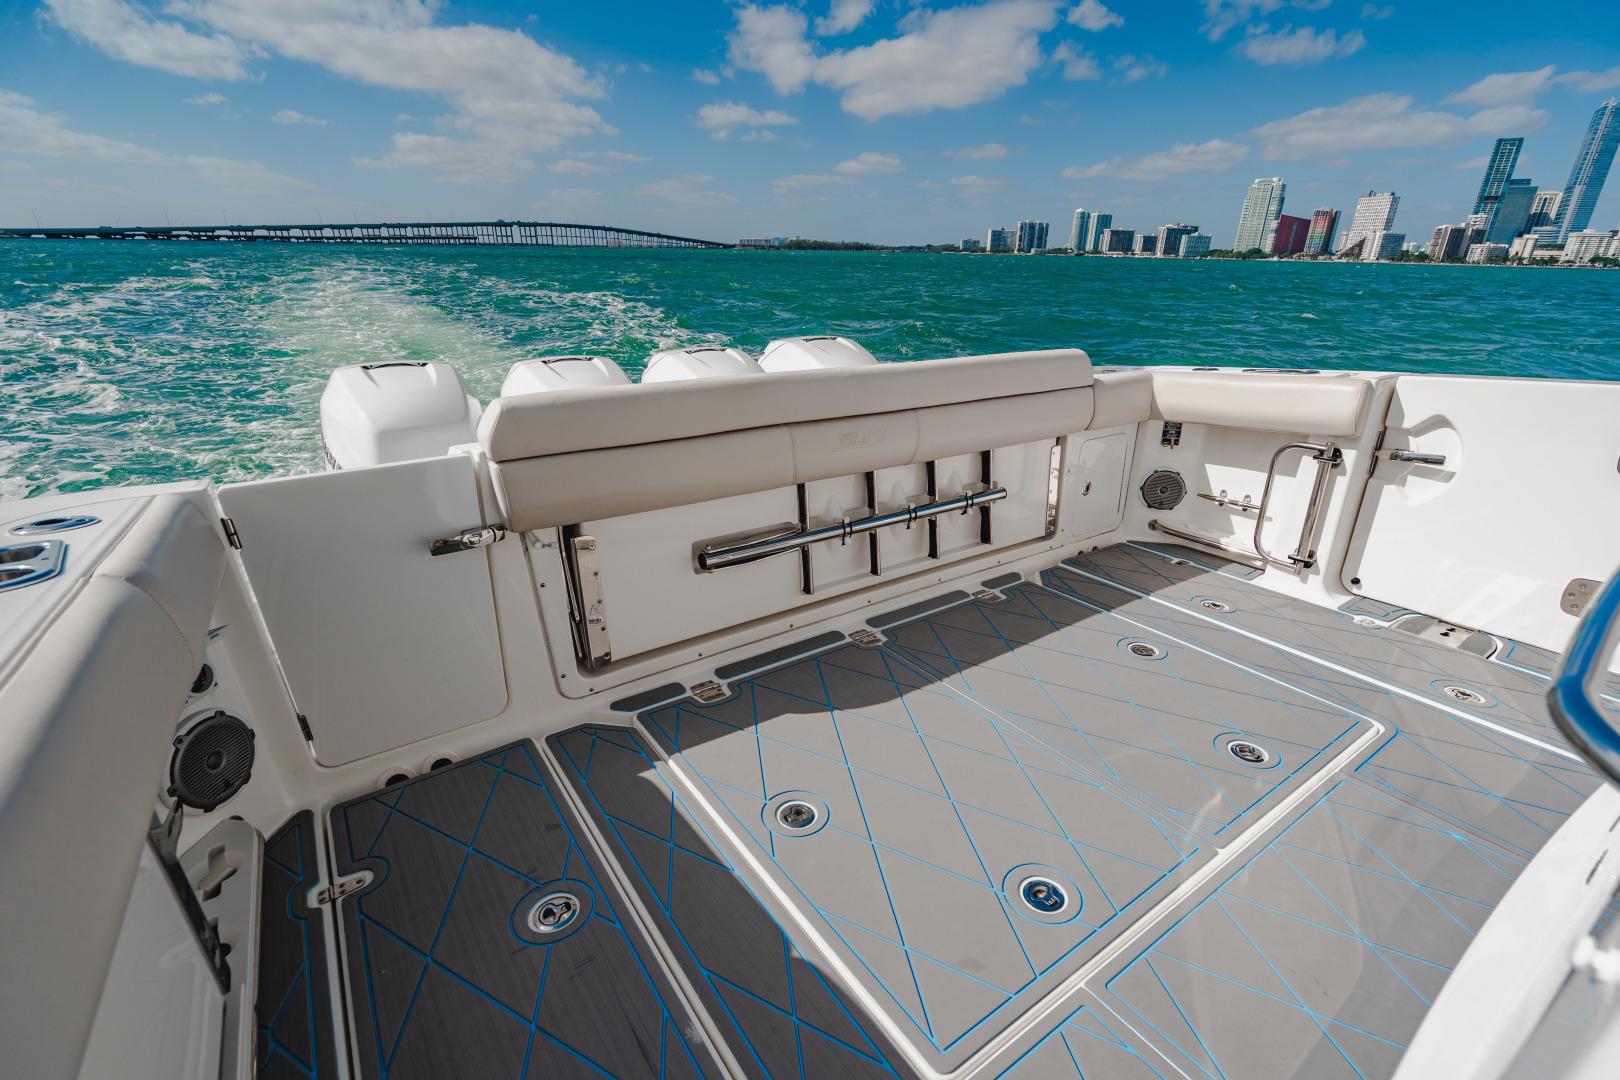 Boston Whaler-Outrage 2016-Sea Duction Miami Beach -Florida-United States-1557413 | Thumbnail